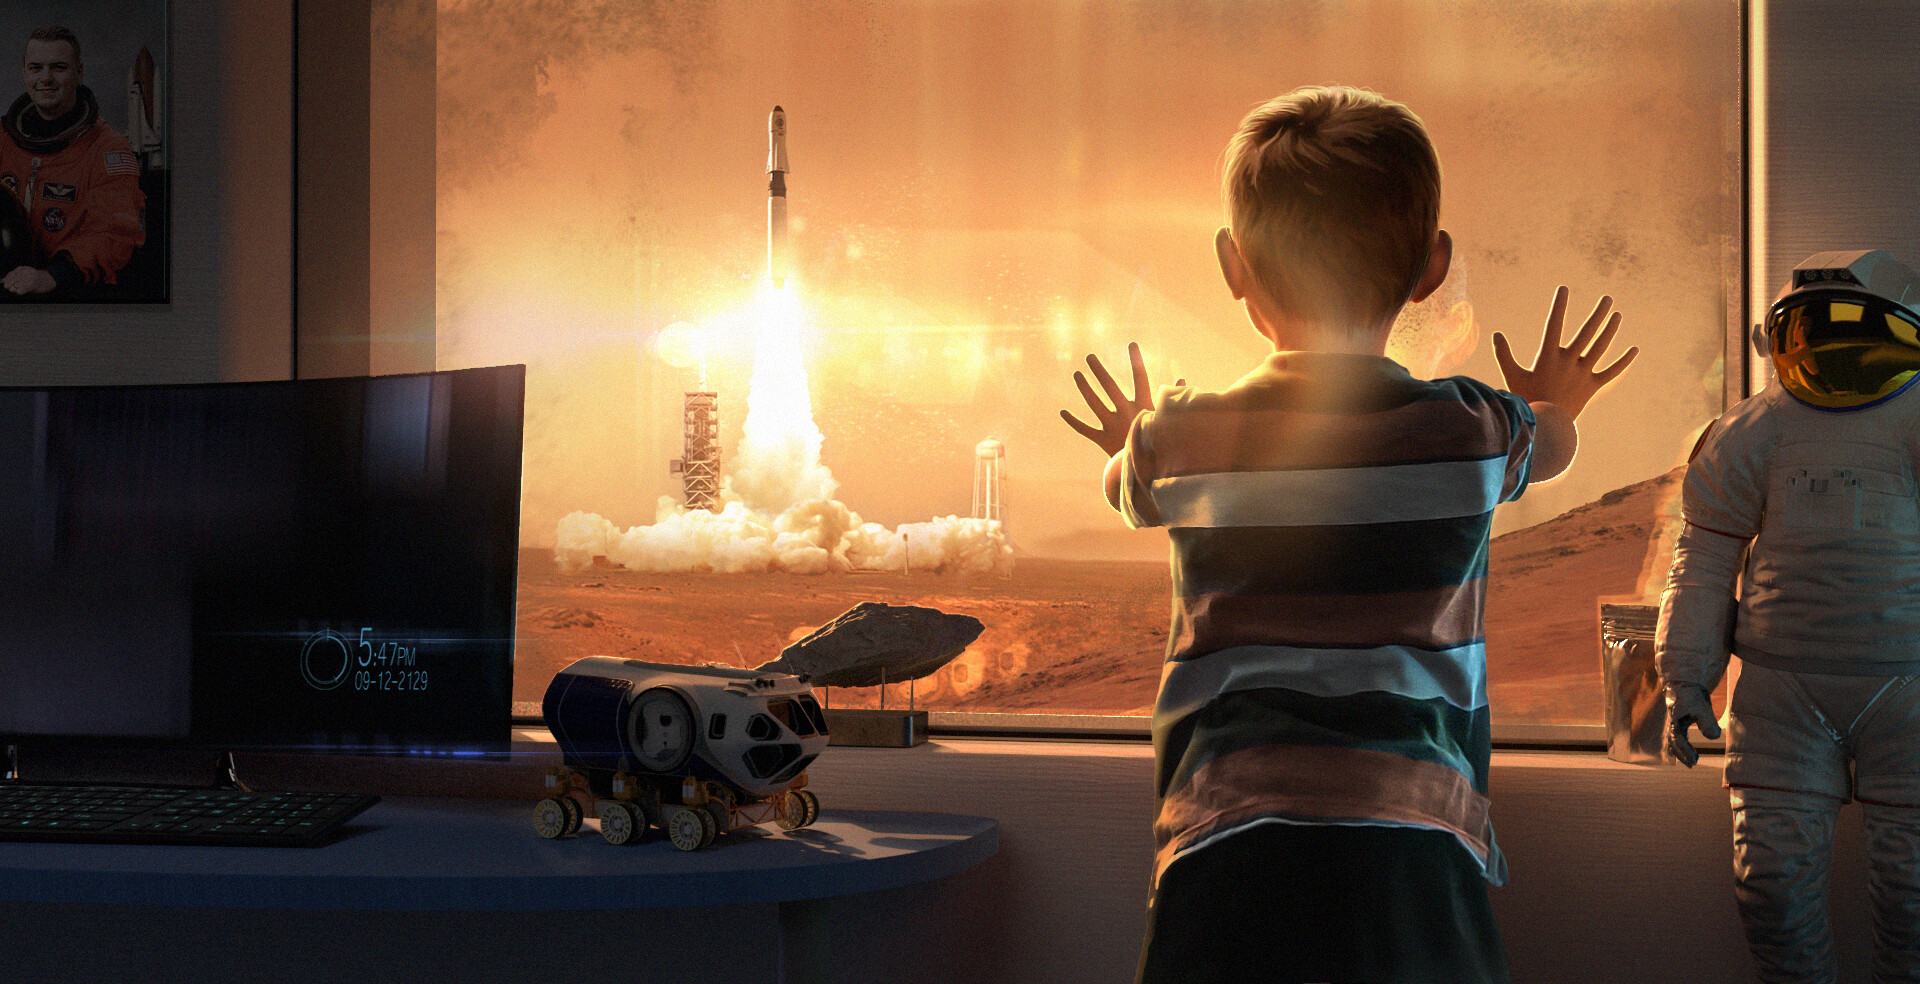 Ένα αγόρι βλέπει έναν πύραυλο Starship της Space X να επογειώνεται από τον Άρη